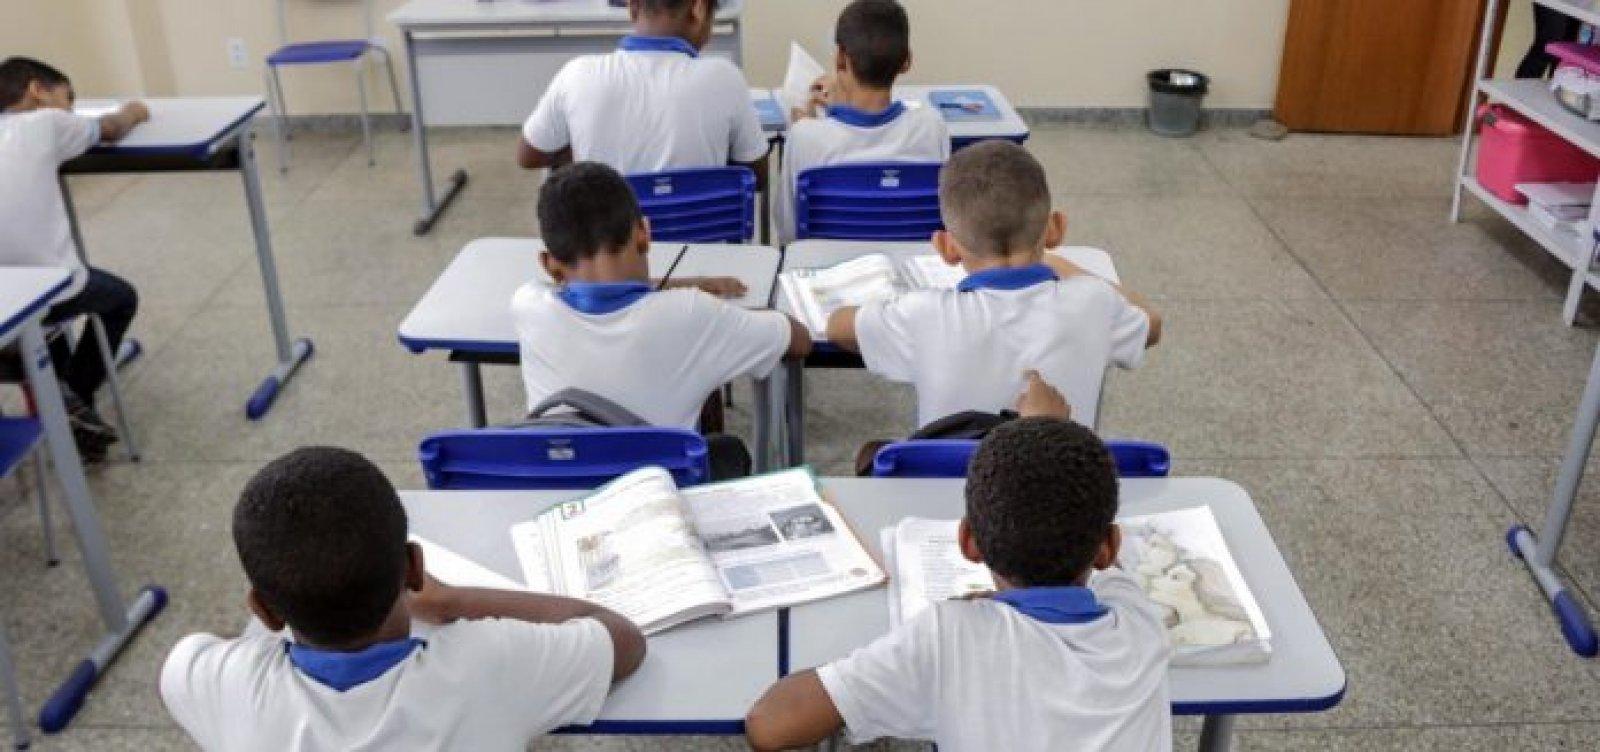 [ACM Neto diz que 'talvez faça sentido não voltar educação infantil em 2020']